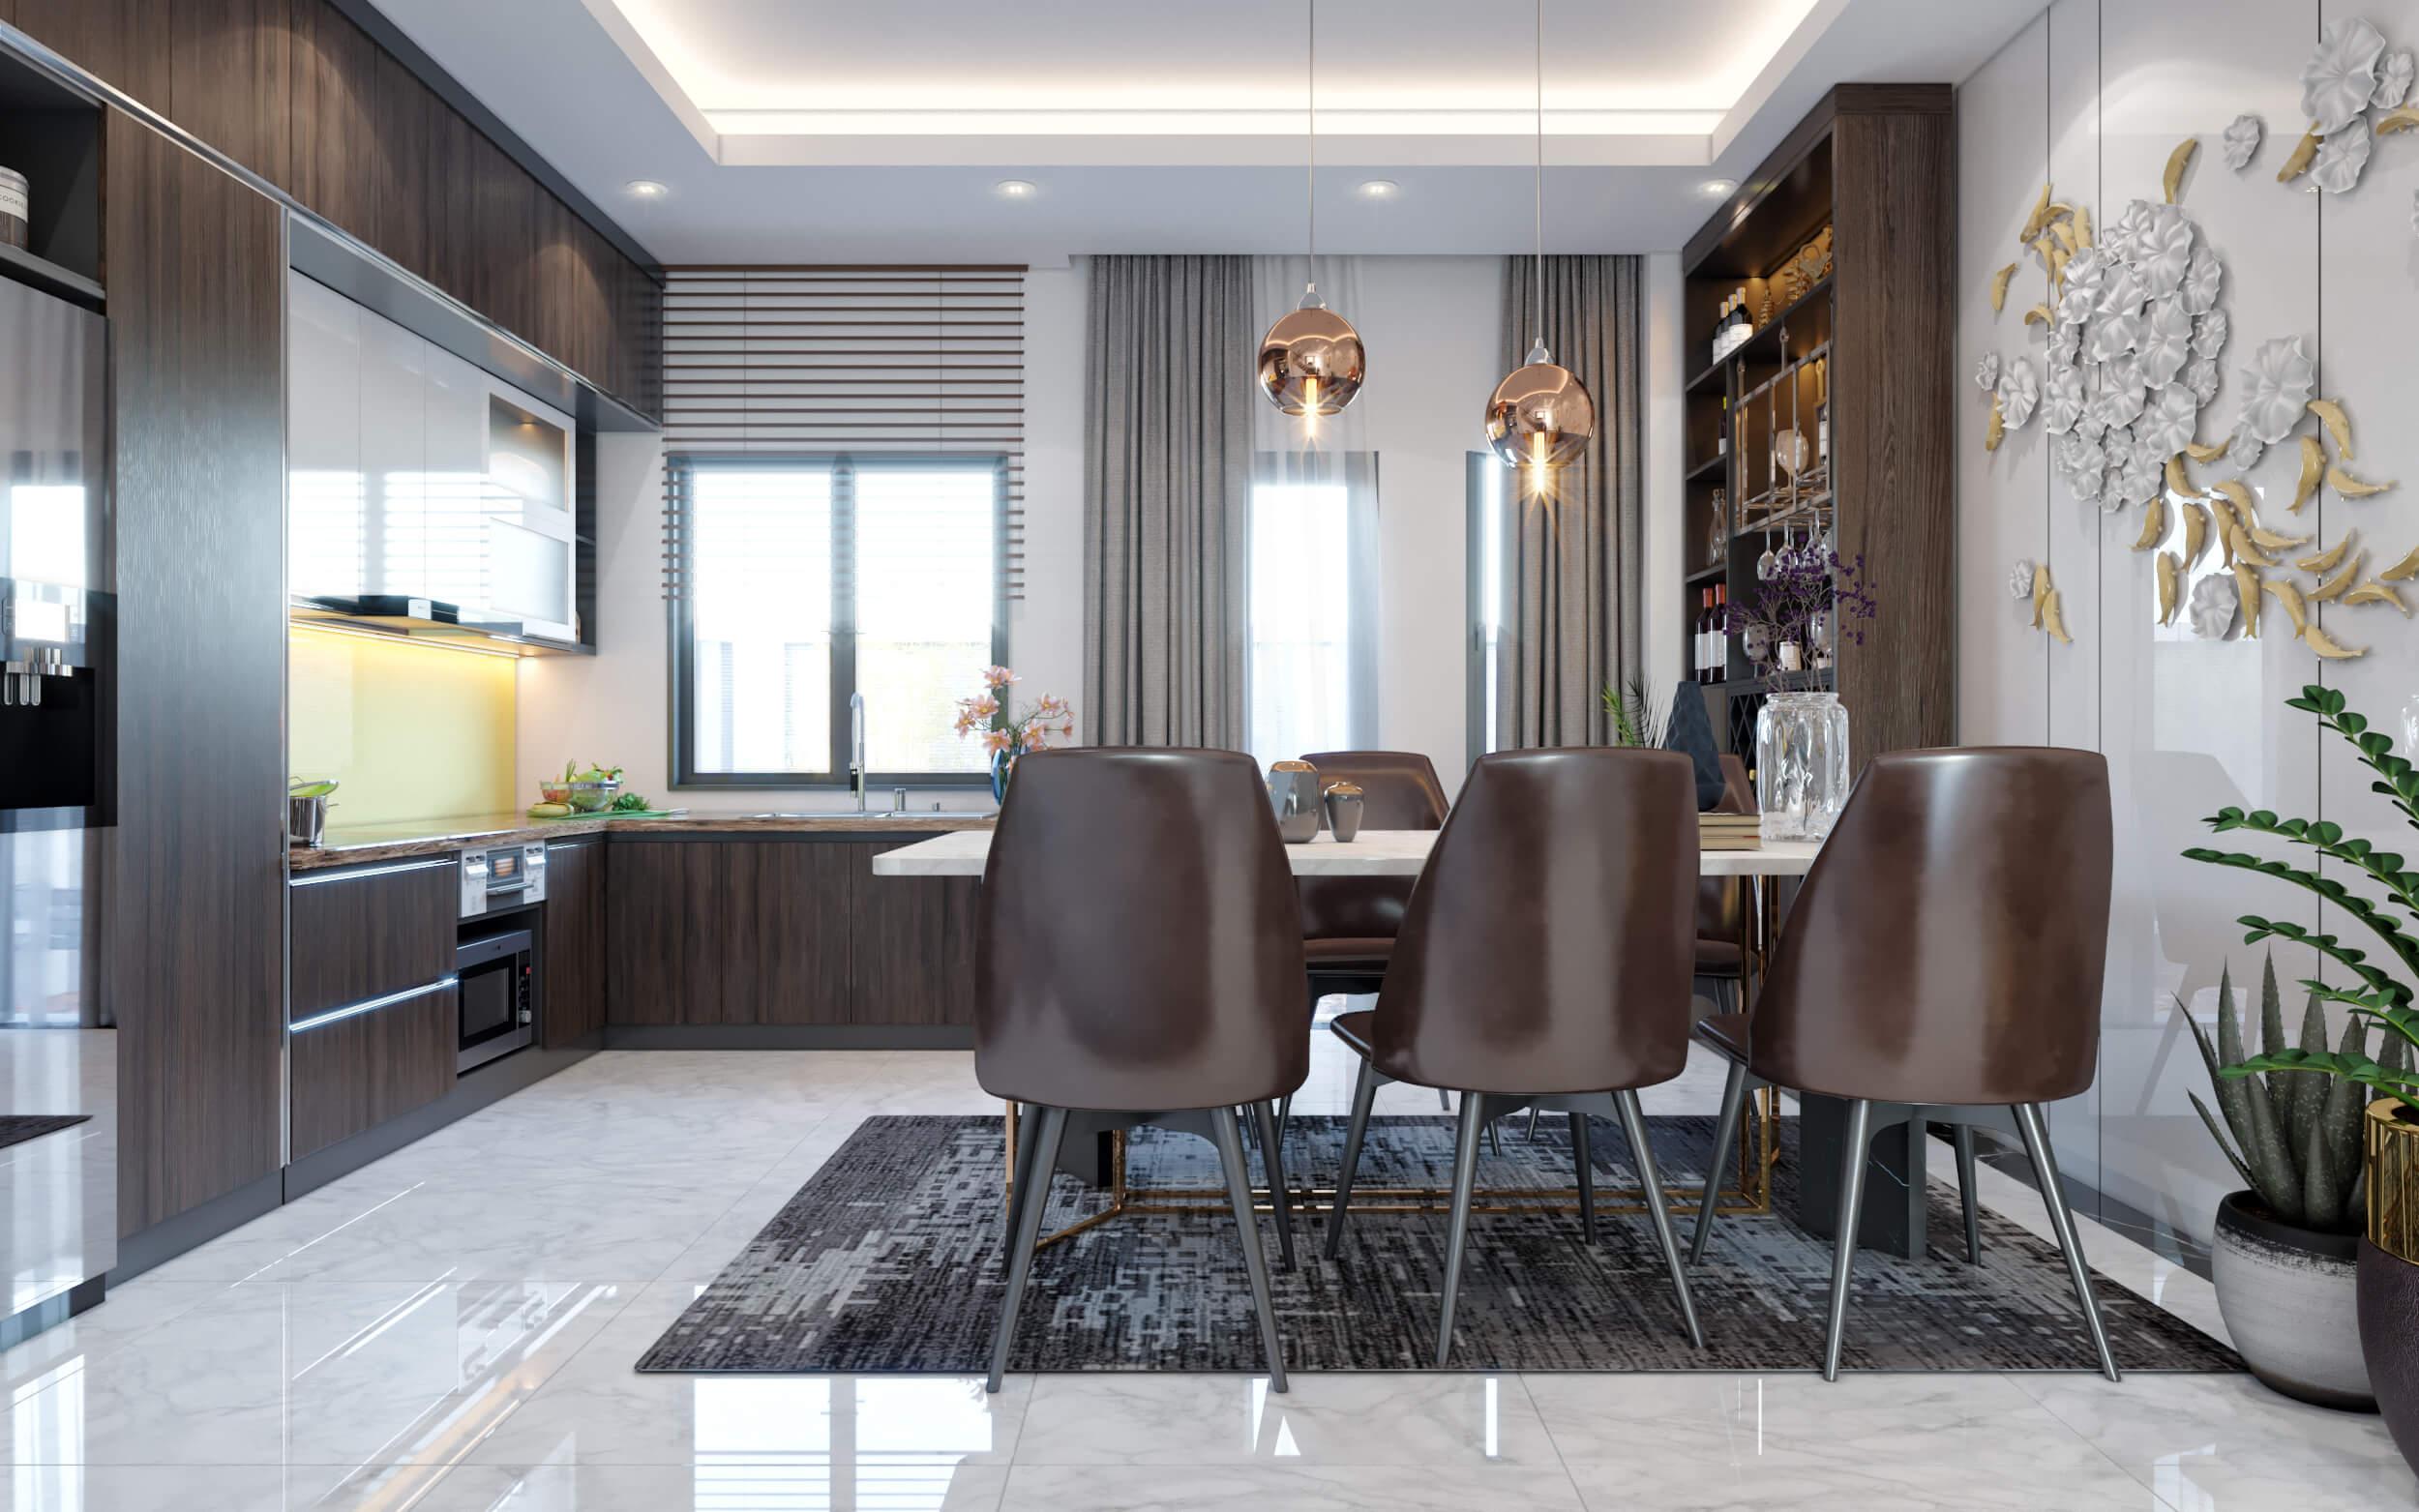 Hình ảnh 3D phòng ăn hiện đại, sang trọng nhà anh Thanh